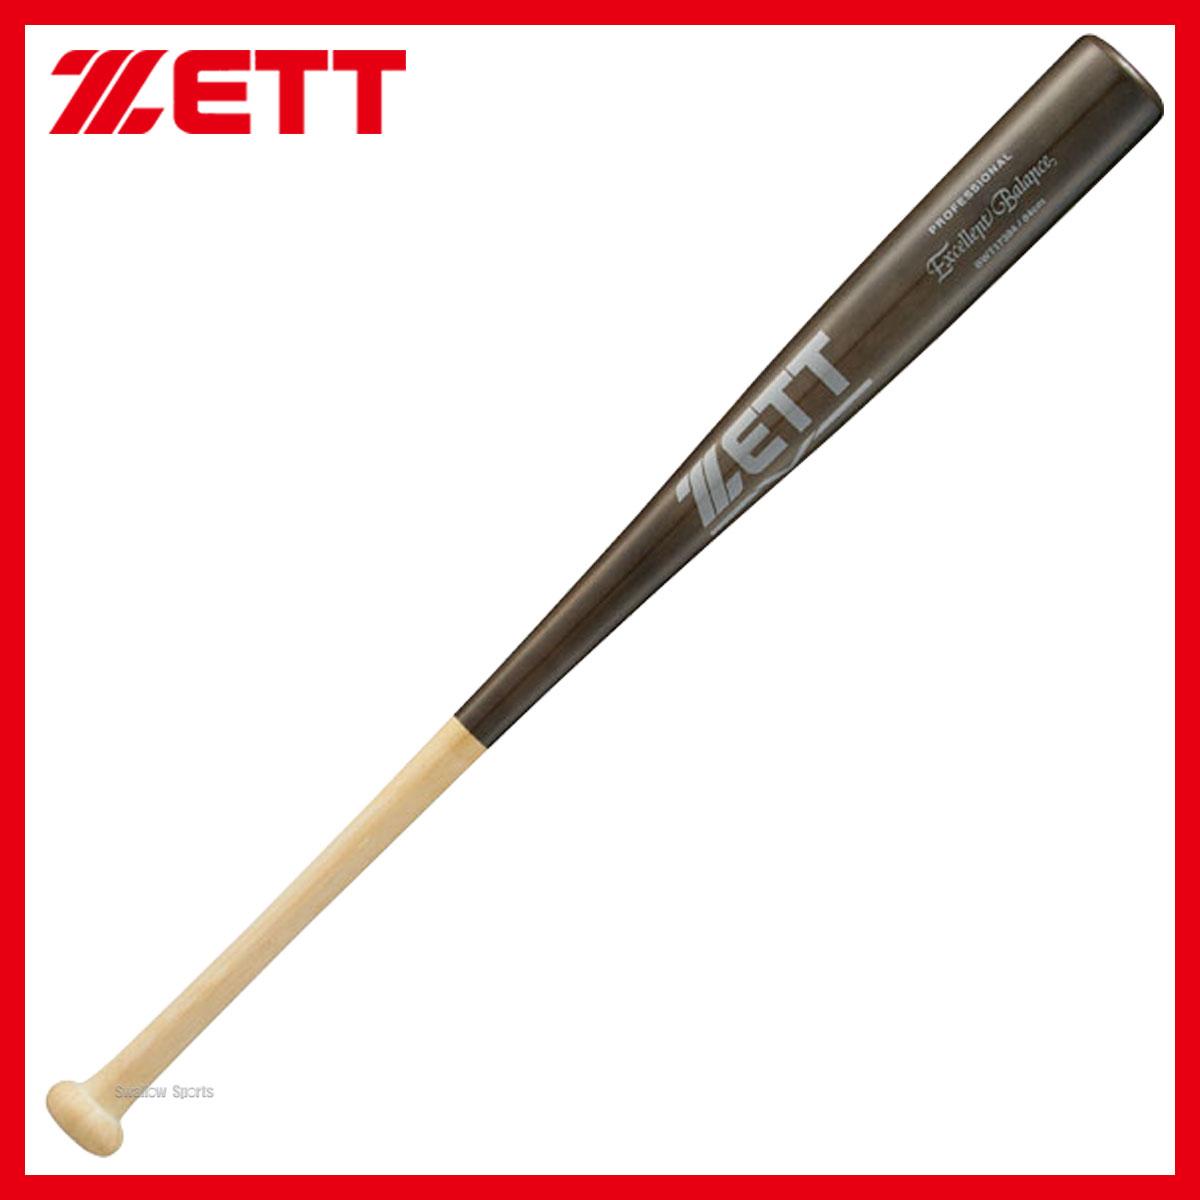 【あす楽対応】 ゼット ZETT 硬式 木製 バット エクセレントバランス BWT17384 バット 硬式用 木製バット ZETT 【Sale】 野球用品 スワロースポーツ